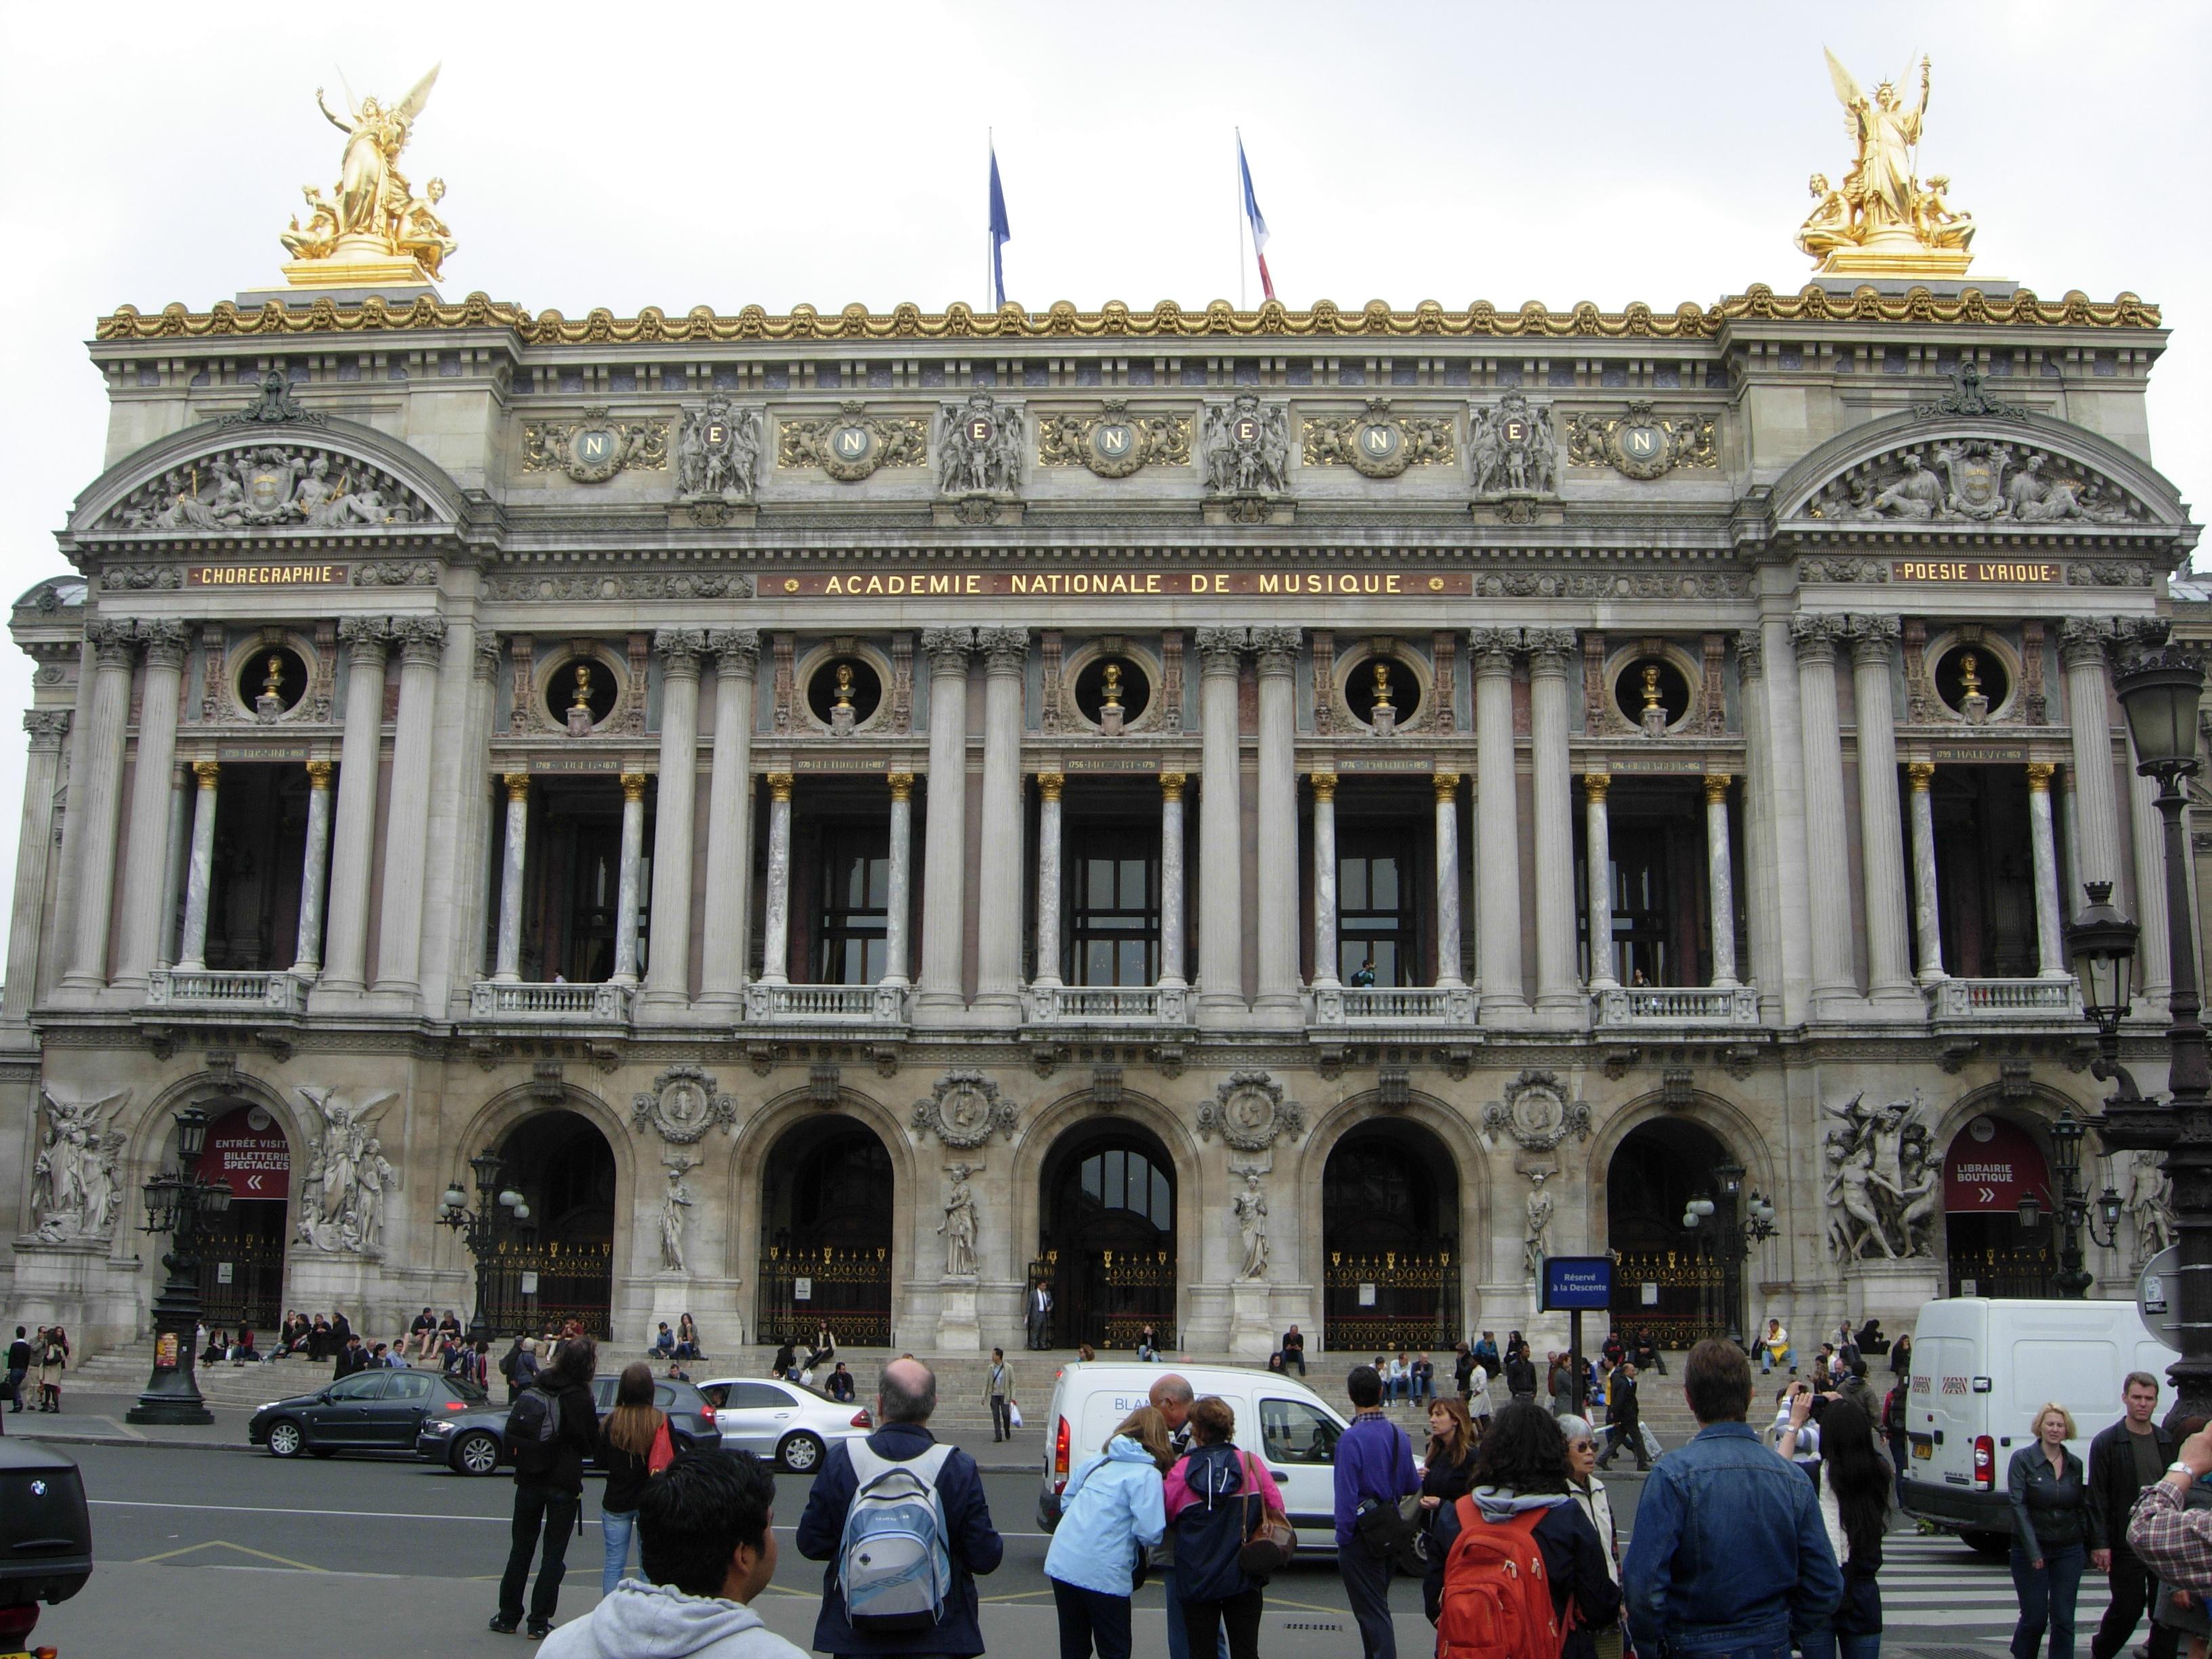 文化巴黎的魅力——街景_图1-17